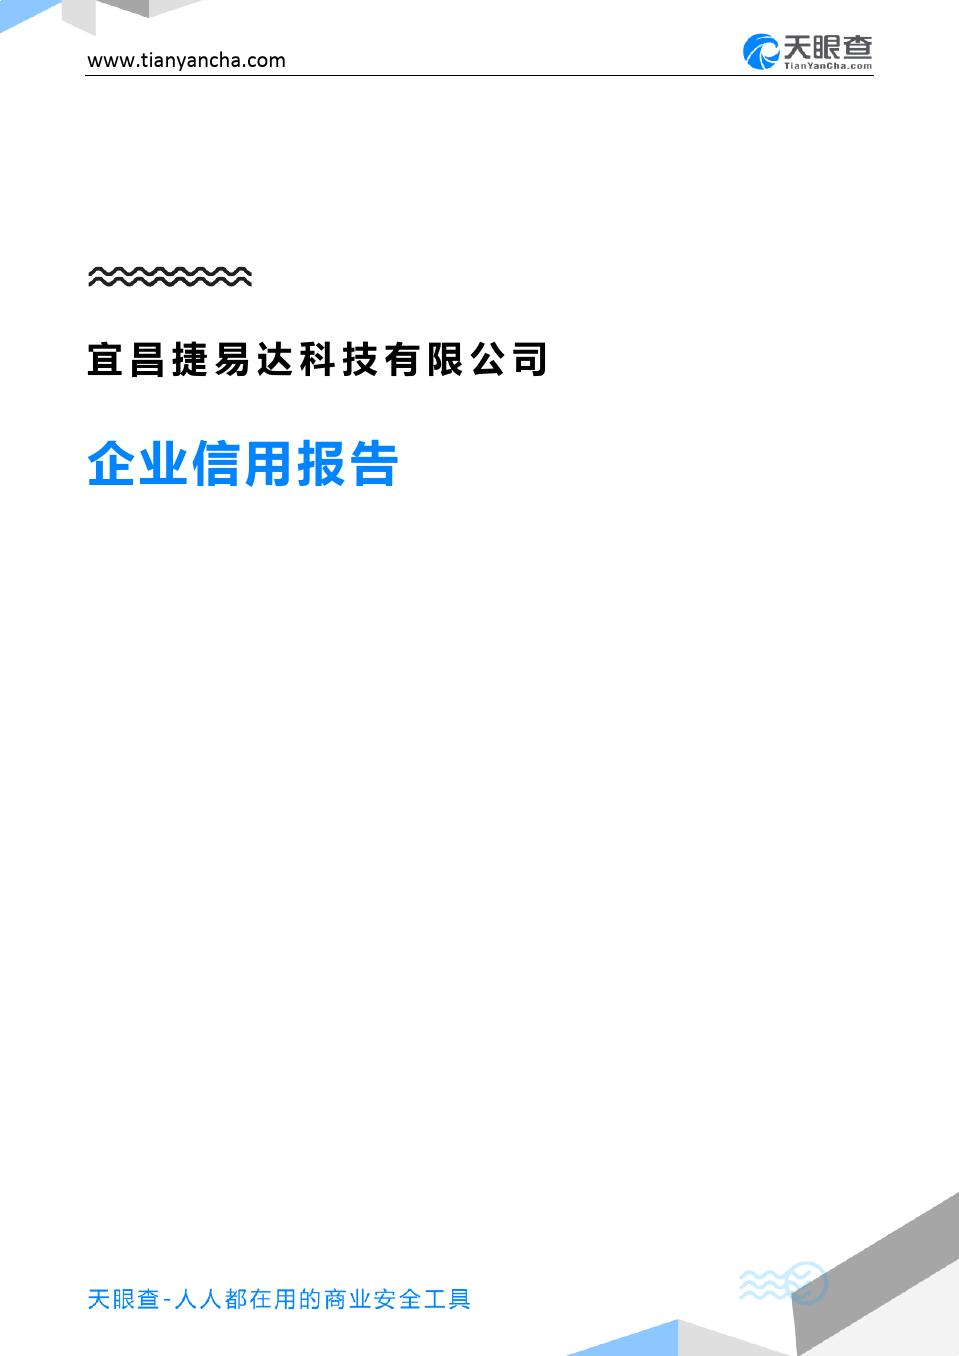 宜昌捷易達科技有限公司(企業信用報告)- 天眼查